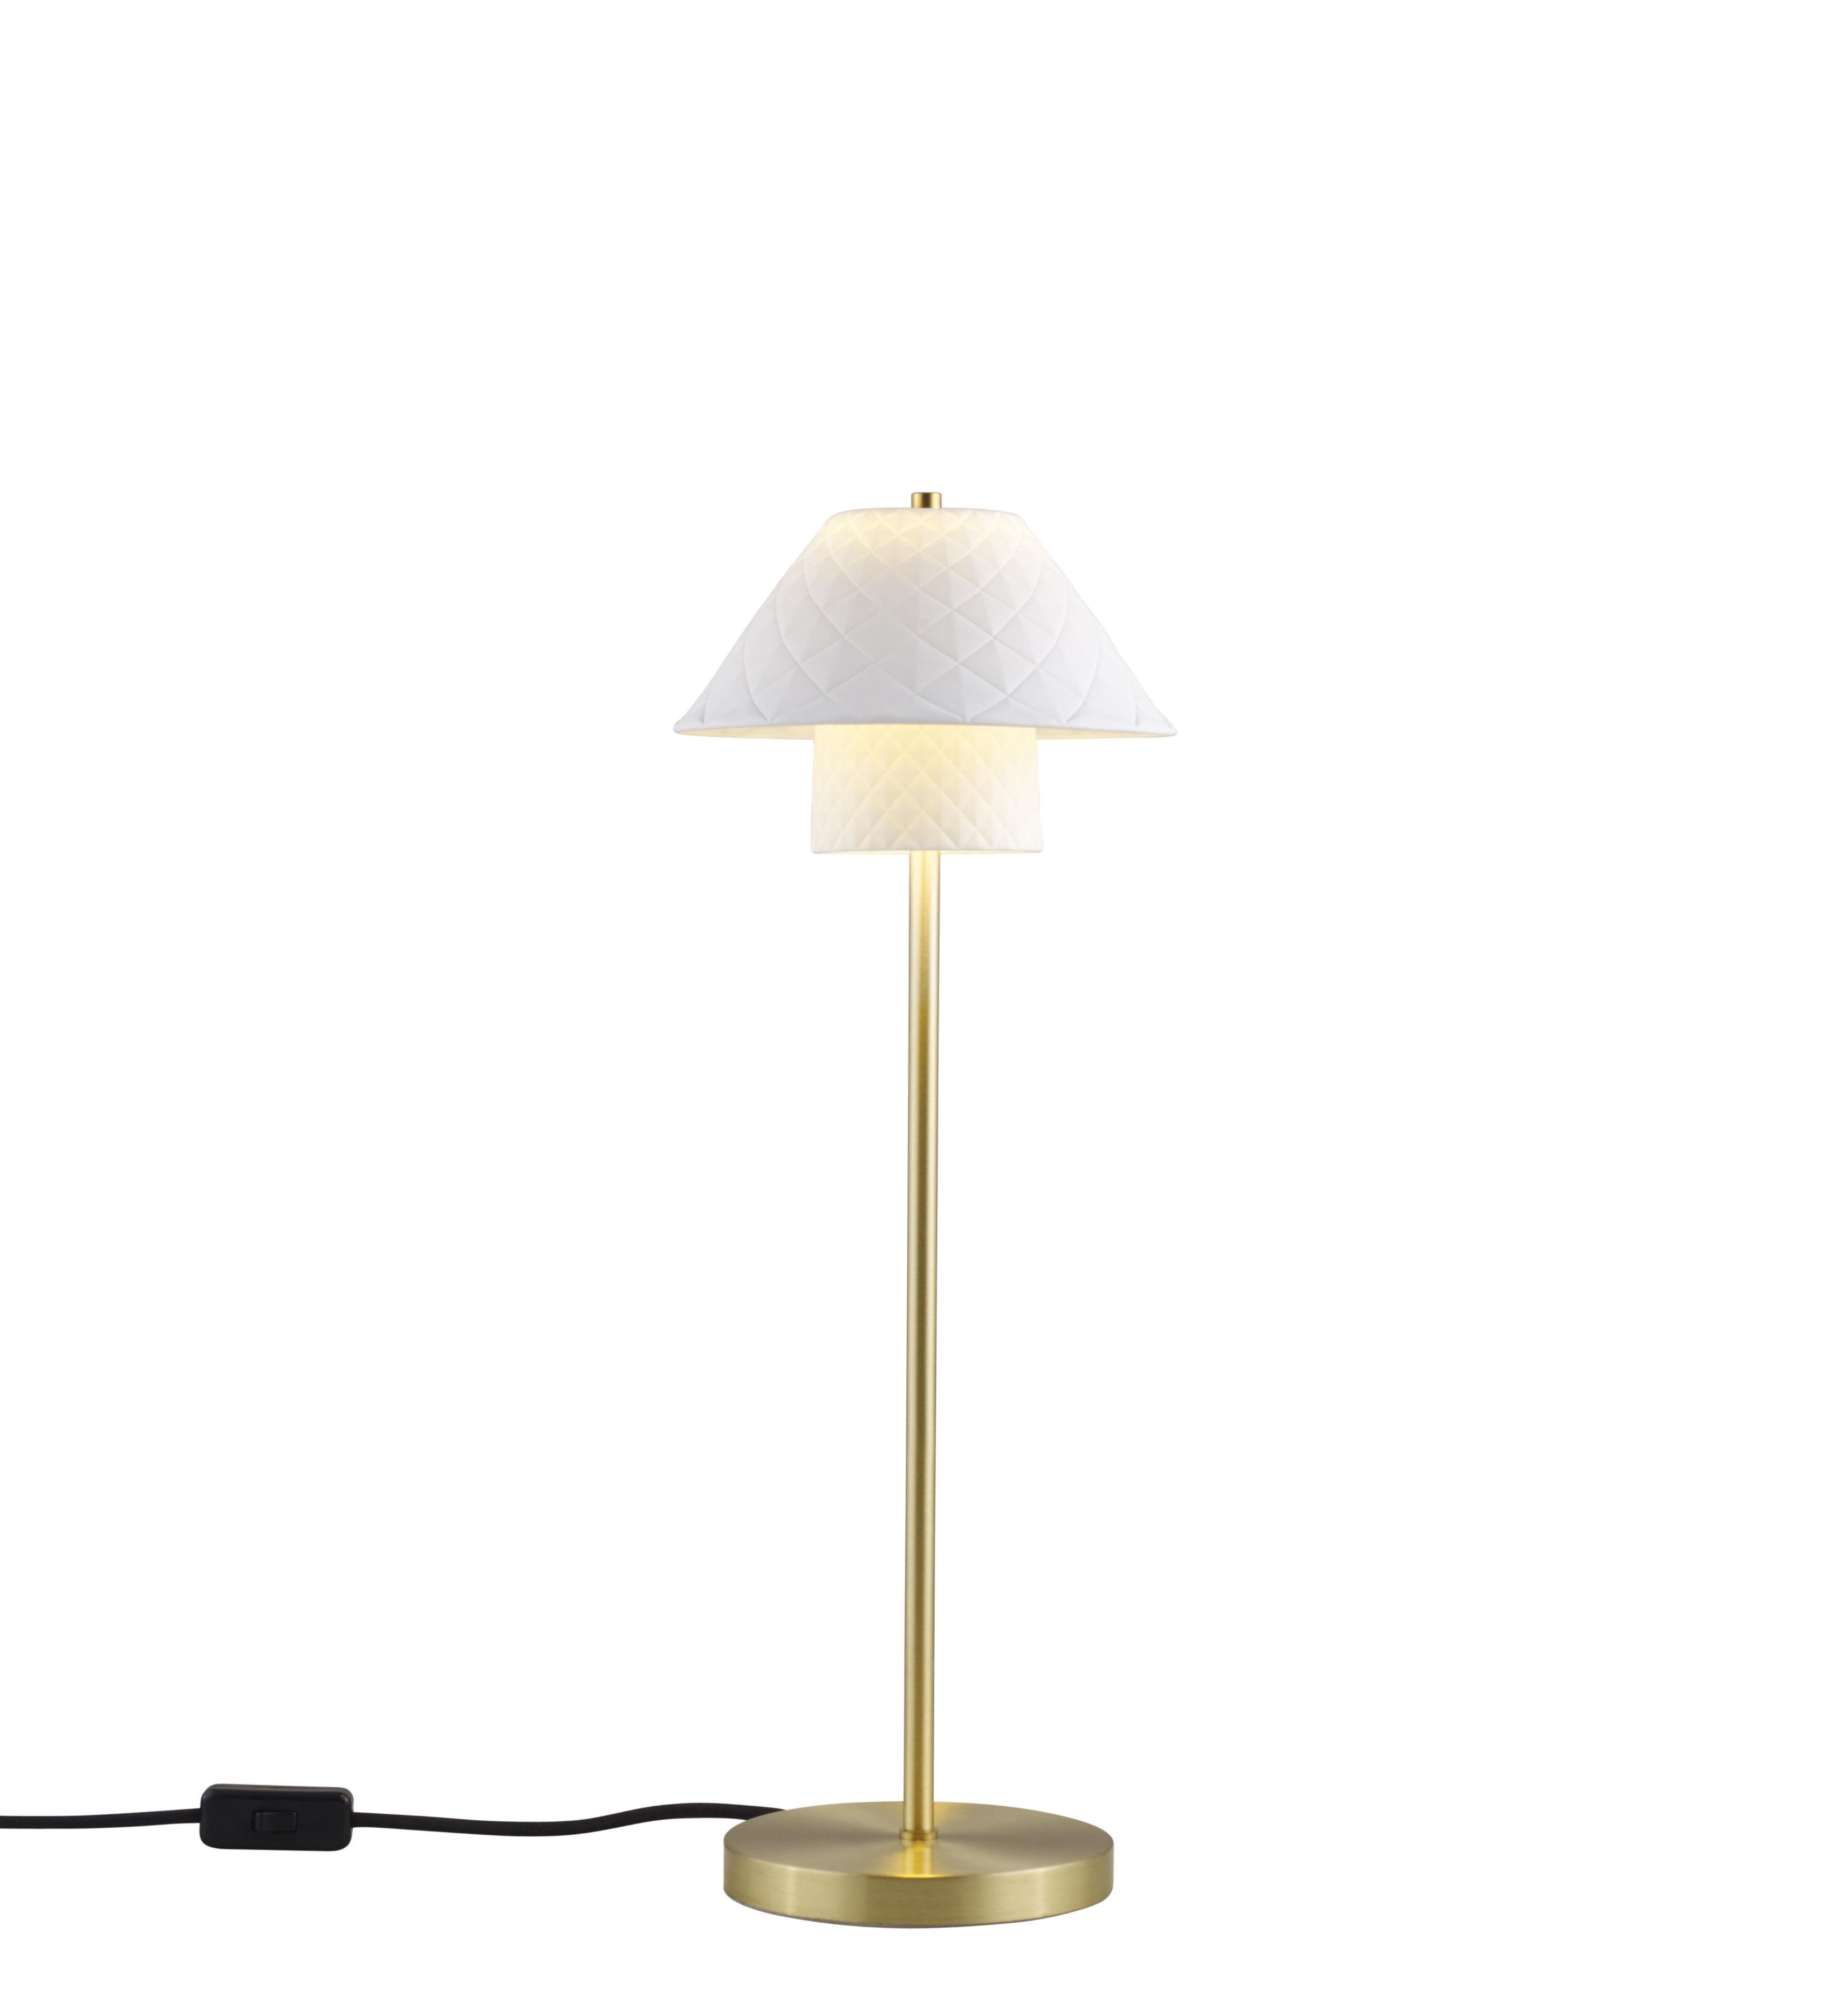 Leuchten - Tischleuchten - Oxford Double Tischleuchte / satiniertes Messing & Porzellan - Original BTC - Mattweiß / Messing, satiniert - Messing, Porzellan